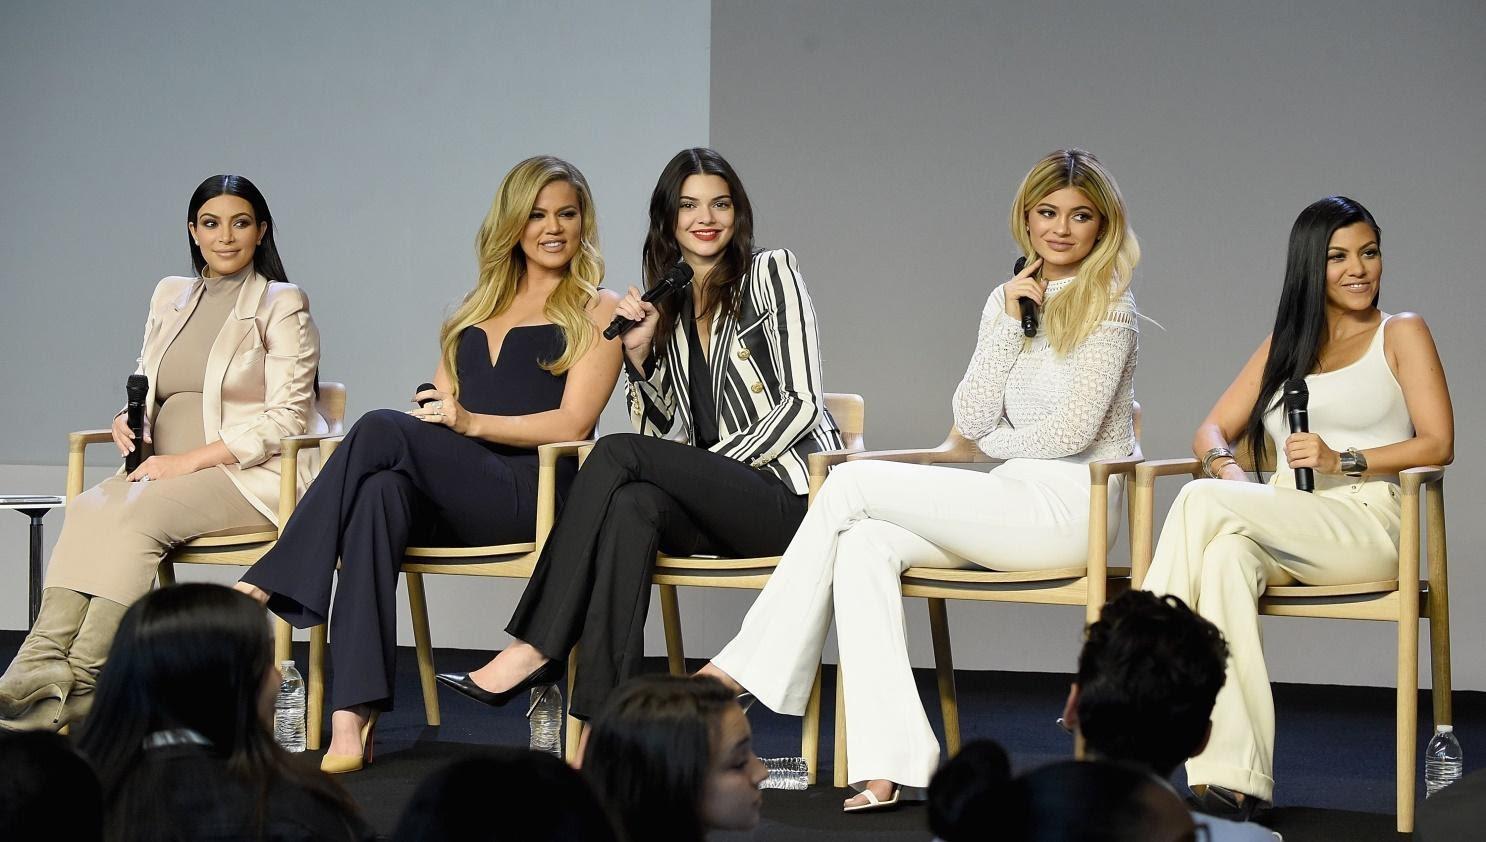 Kar-Jenner Family music video cameos